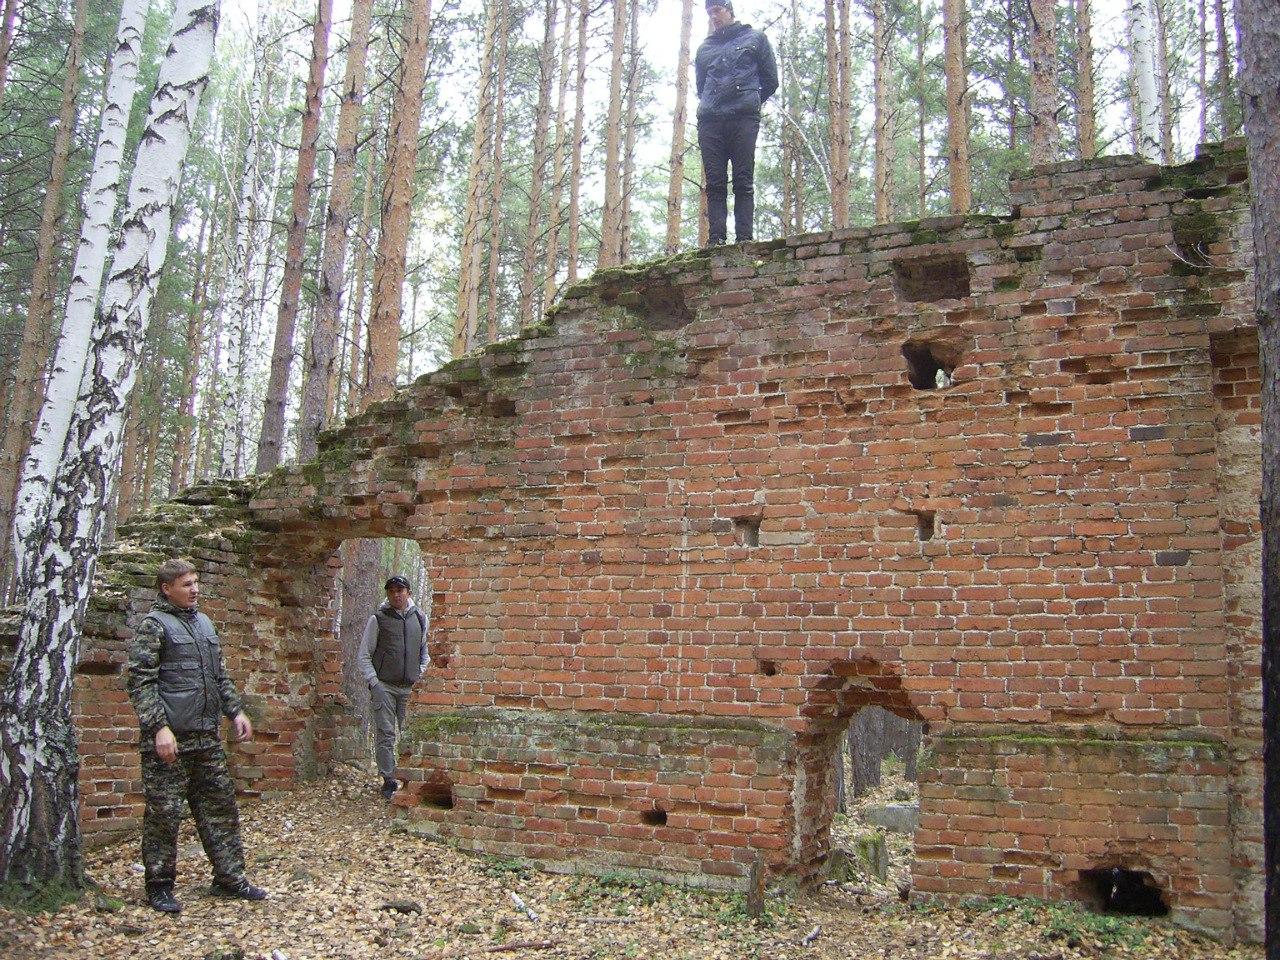 У развалин динамитного завода (09.11.2015)